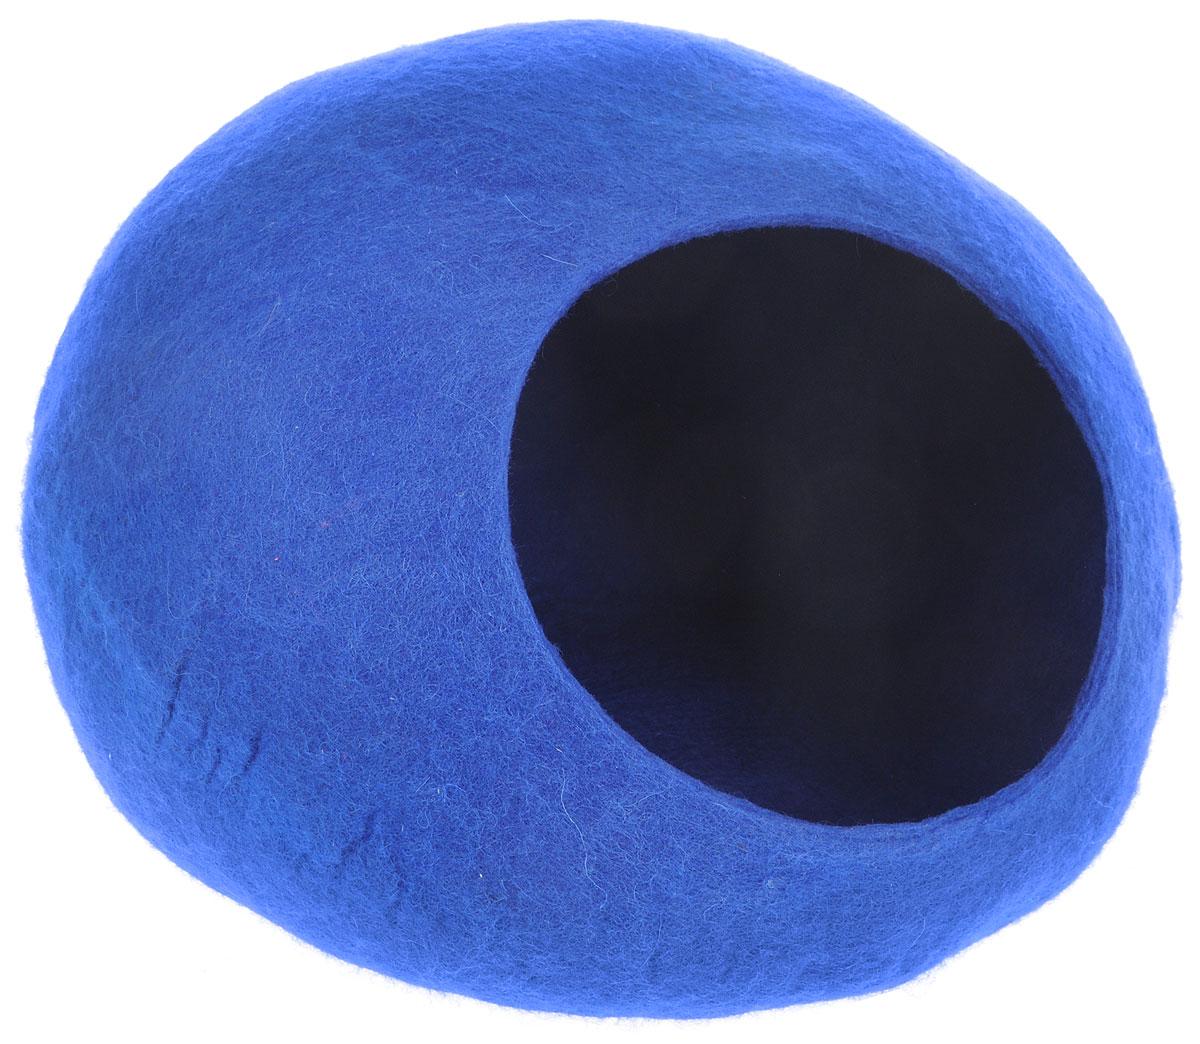 Домик-слипер для животных Zoobaloo WoolPetHouse, цвет: синий, размер MDM-160113-3Домик-слипер WoolPetHouse предназначен для отдыха и сна питомца. Домик изготовлен из 100% шерсти мериноса. Это невероятное творение дизайнеров обещает быть хитом сезона! Производитель учел все особенности животного сна: форма, цвет, материал этих домиков - всё подобрано как нельзя лучше! В них ваши любимцы будут видеть только цветные сны. Шерсть мериноса обеспечит превосходный микроклимат внутри домика, а его форма позволит питомцу засыпать в самой естественной позе.